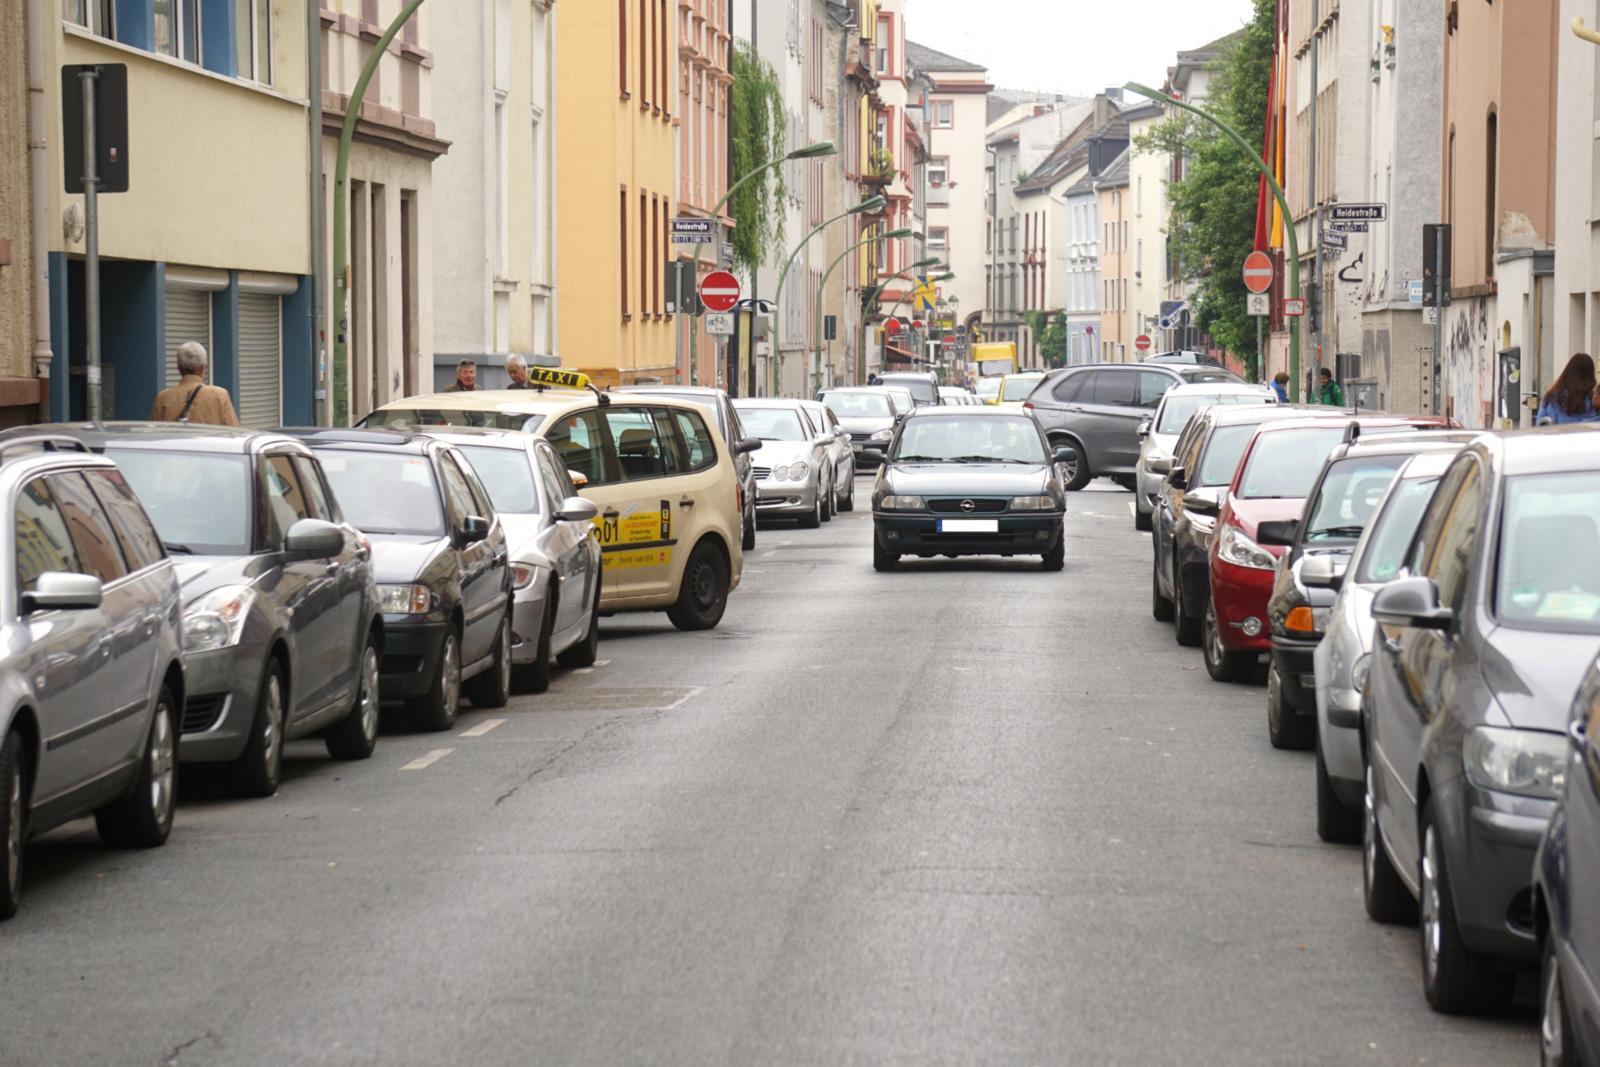 Die Situation in den Innenstädten: Autos beanspruchen den meisten Platz, Fußgänger und Fahrradfahrer sind an den Rand gedrängt (Foto: bcs)